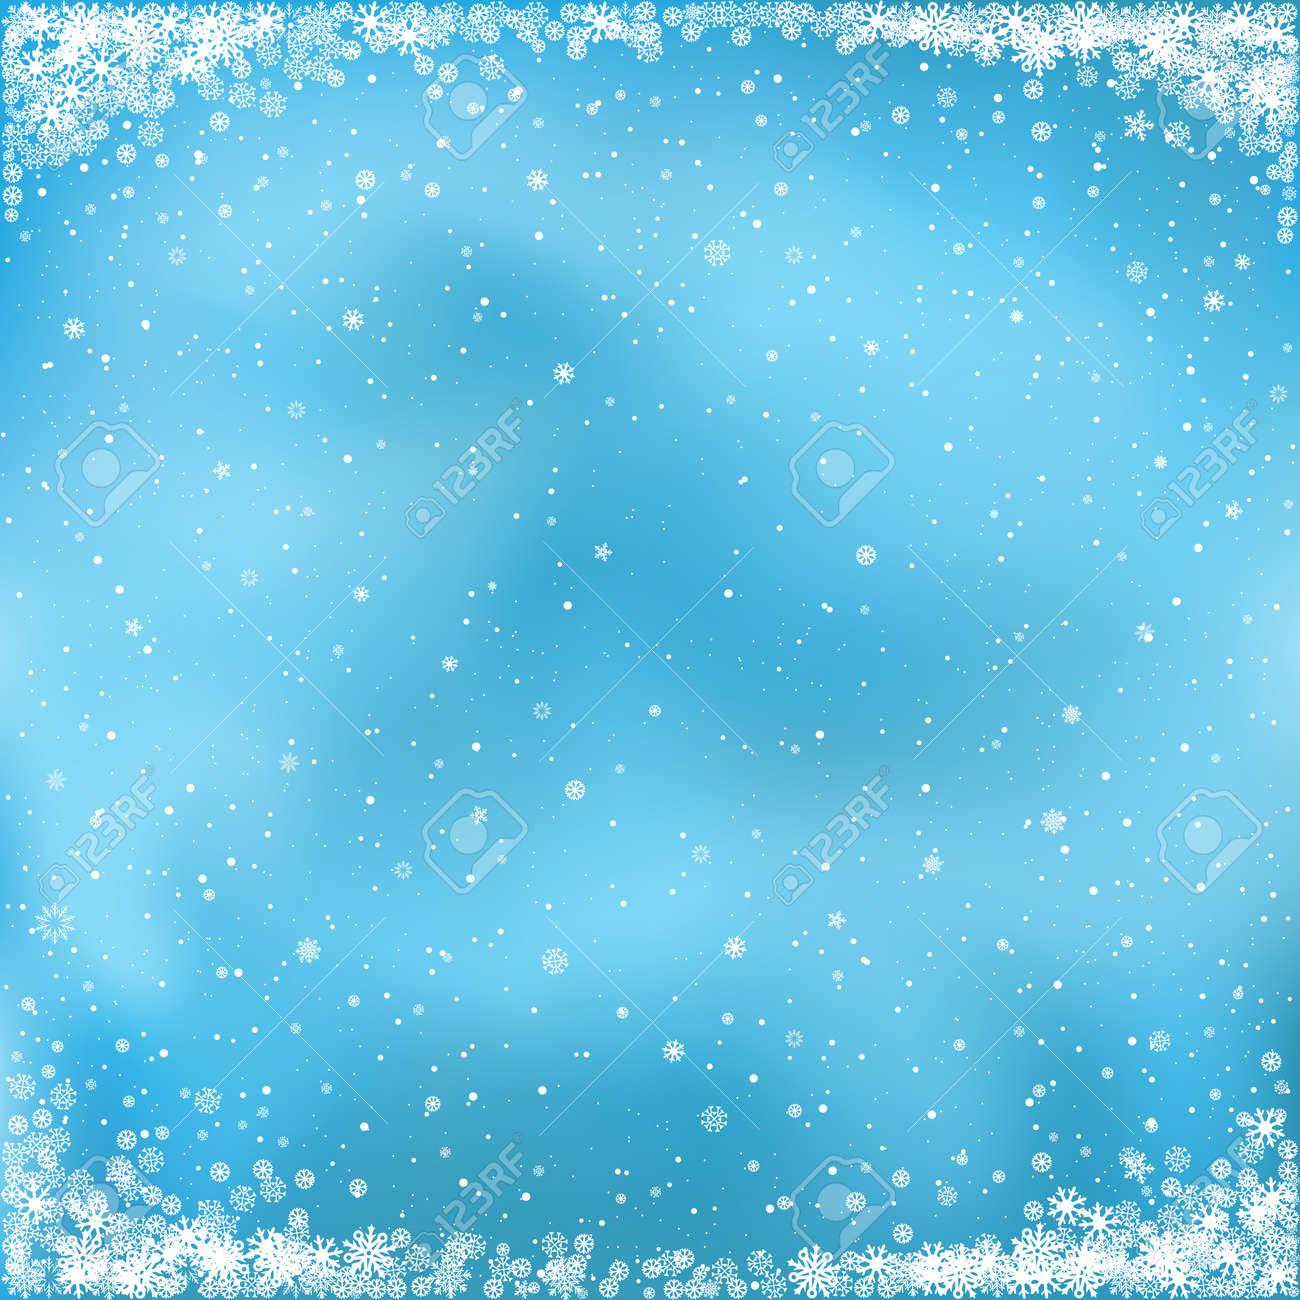 Weihnachten Und Winter Clipart Der Fallende Weiße Schnee Auf Blauem